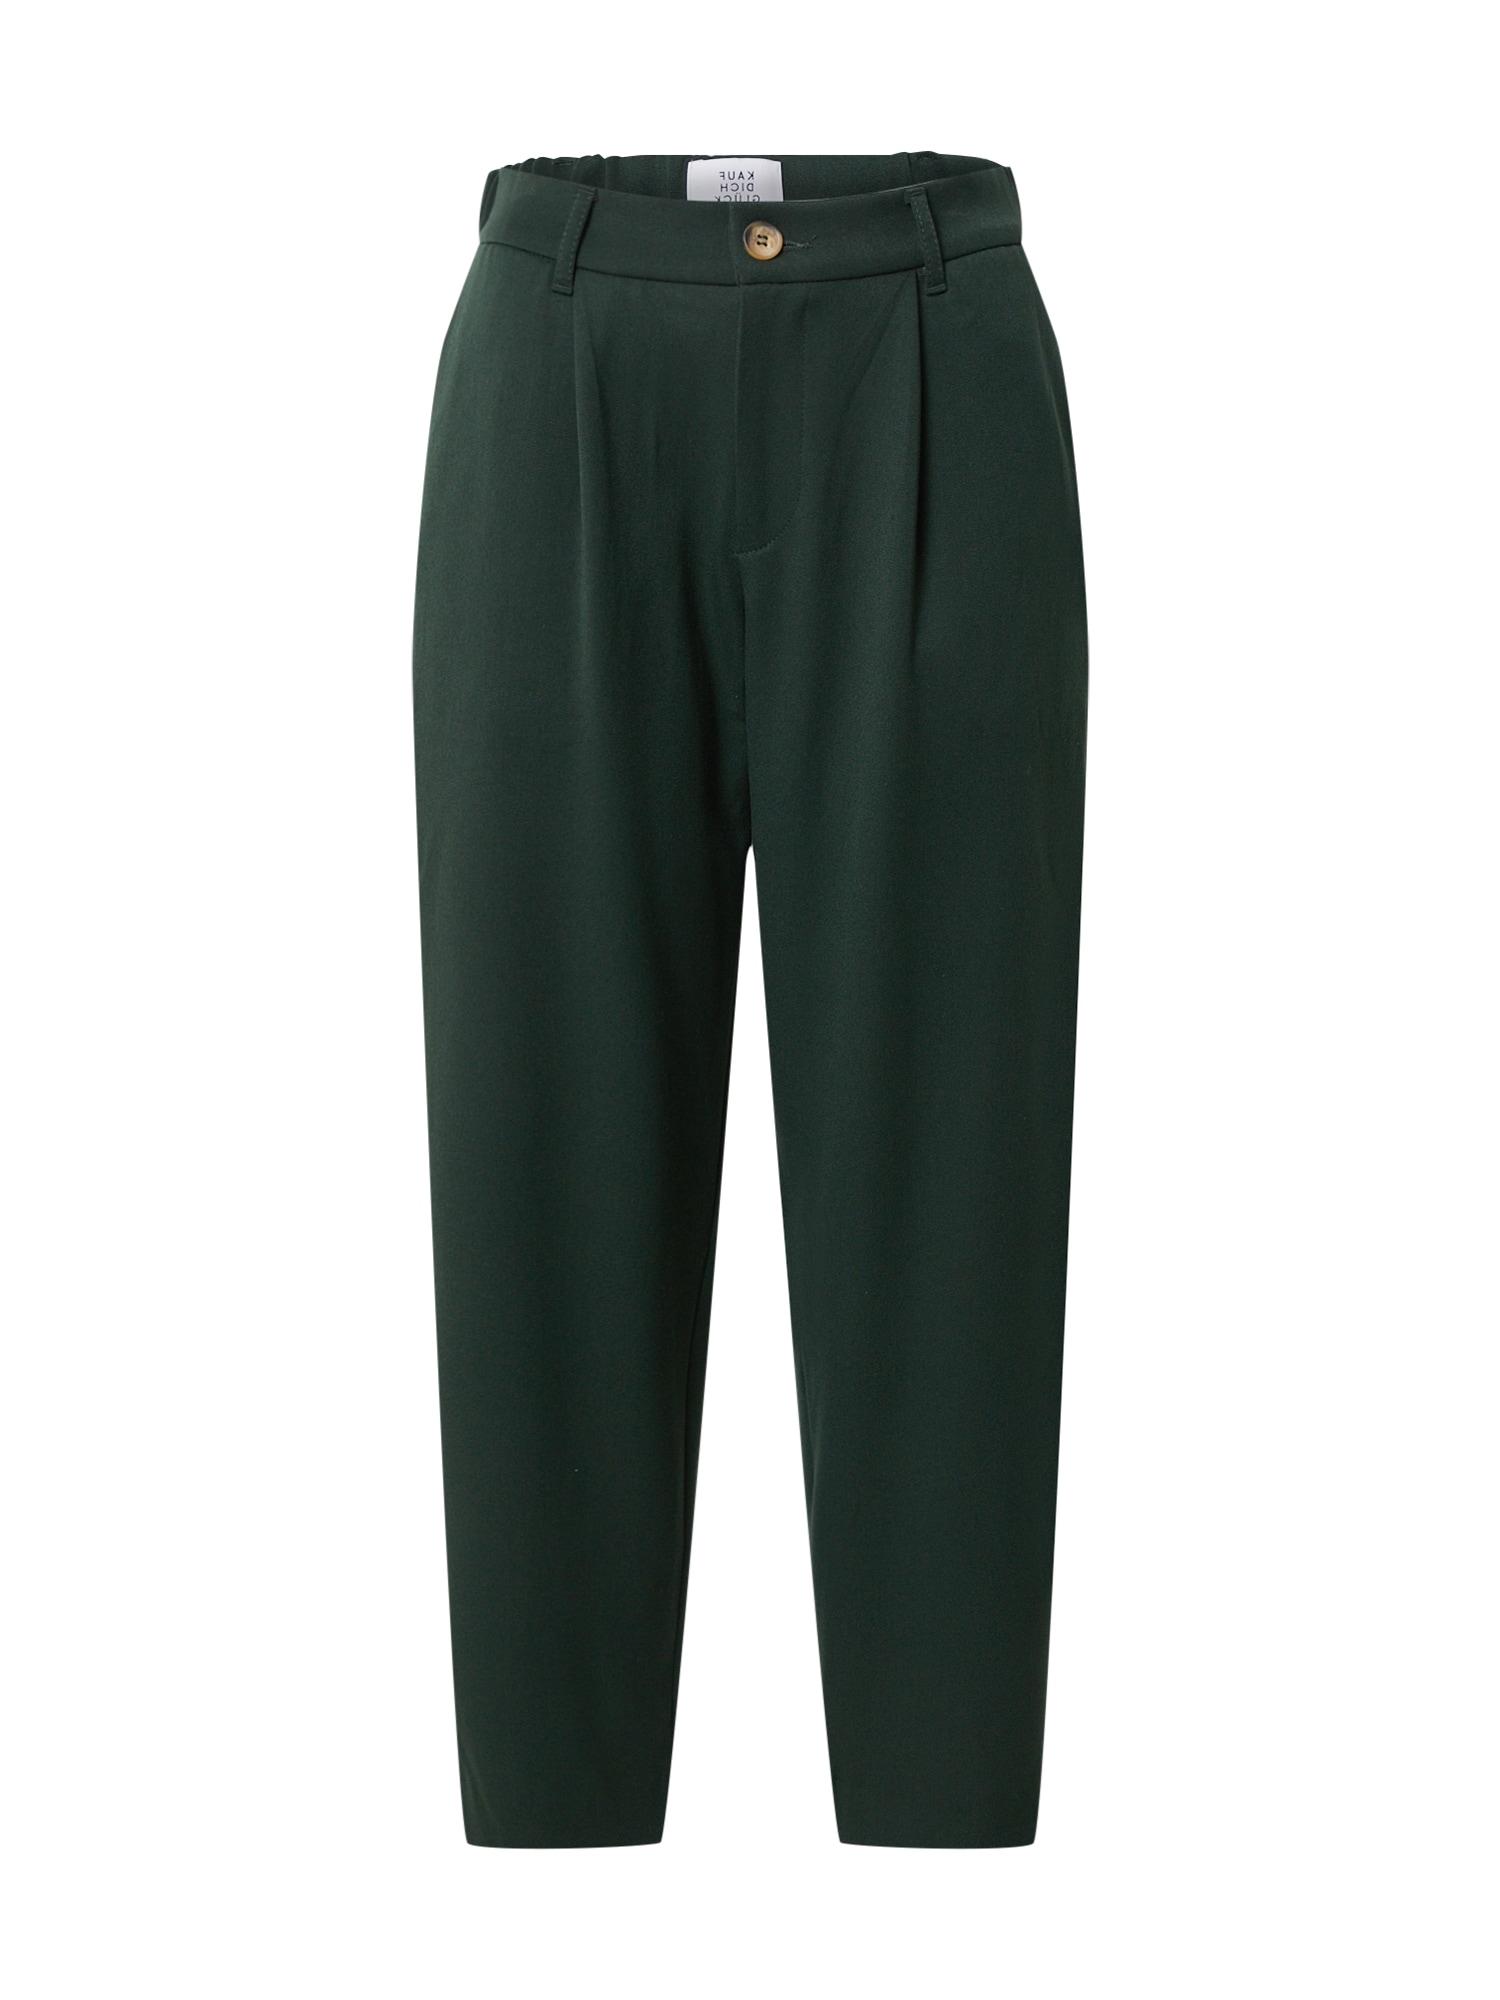 Kauf Dich Glücklich Klostuotos kelnės tamsiai žalia